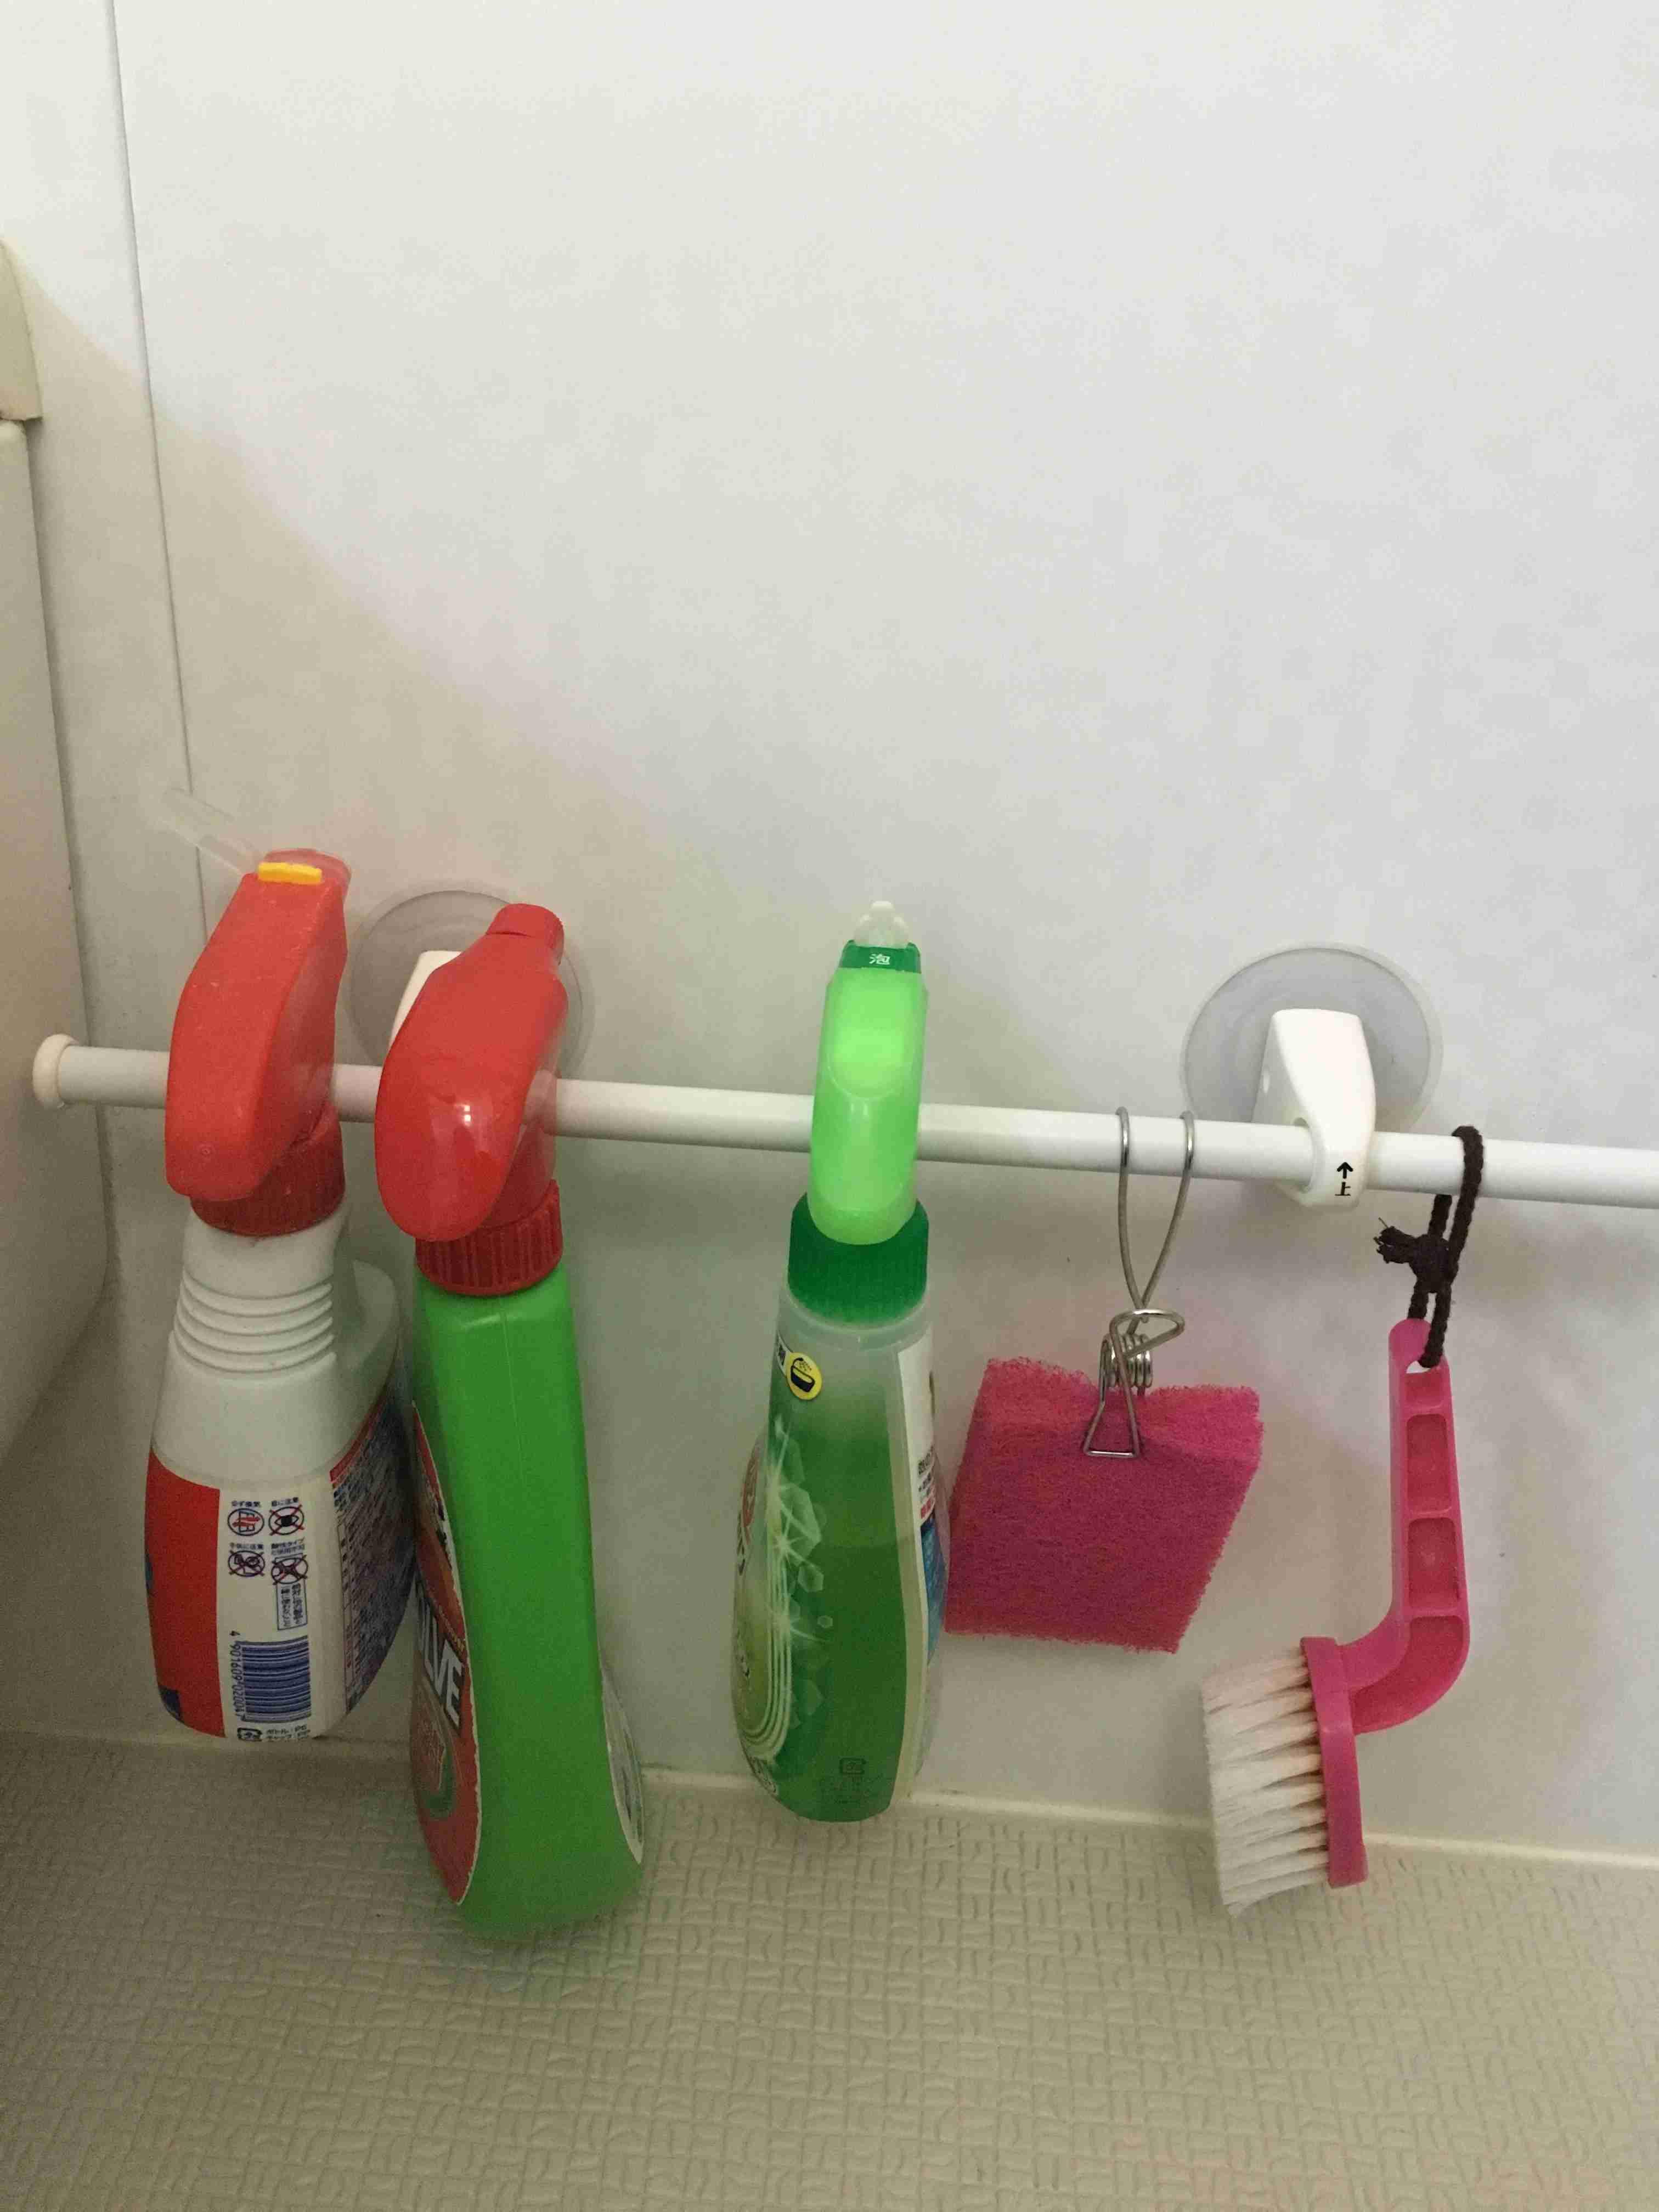 お風呂の掃除道具の置き場所どこですか?